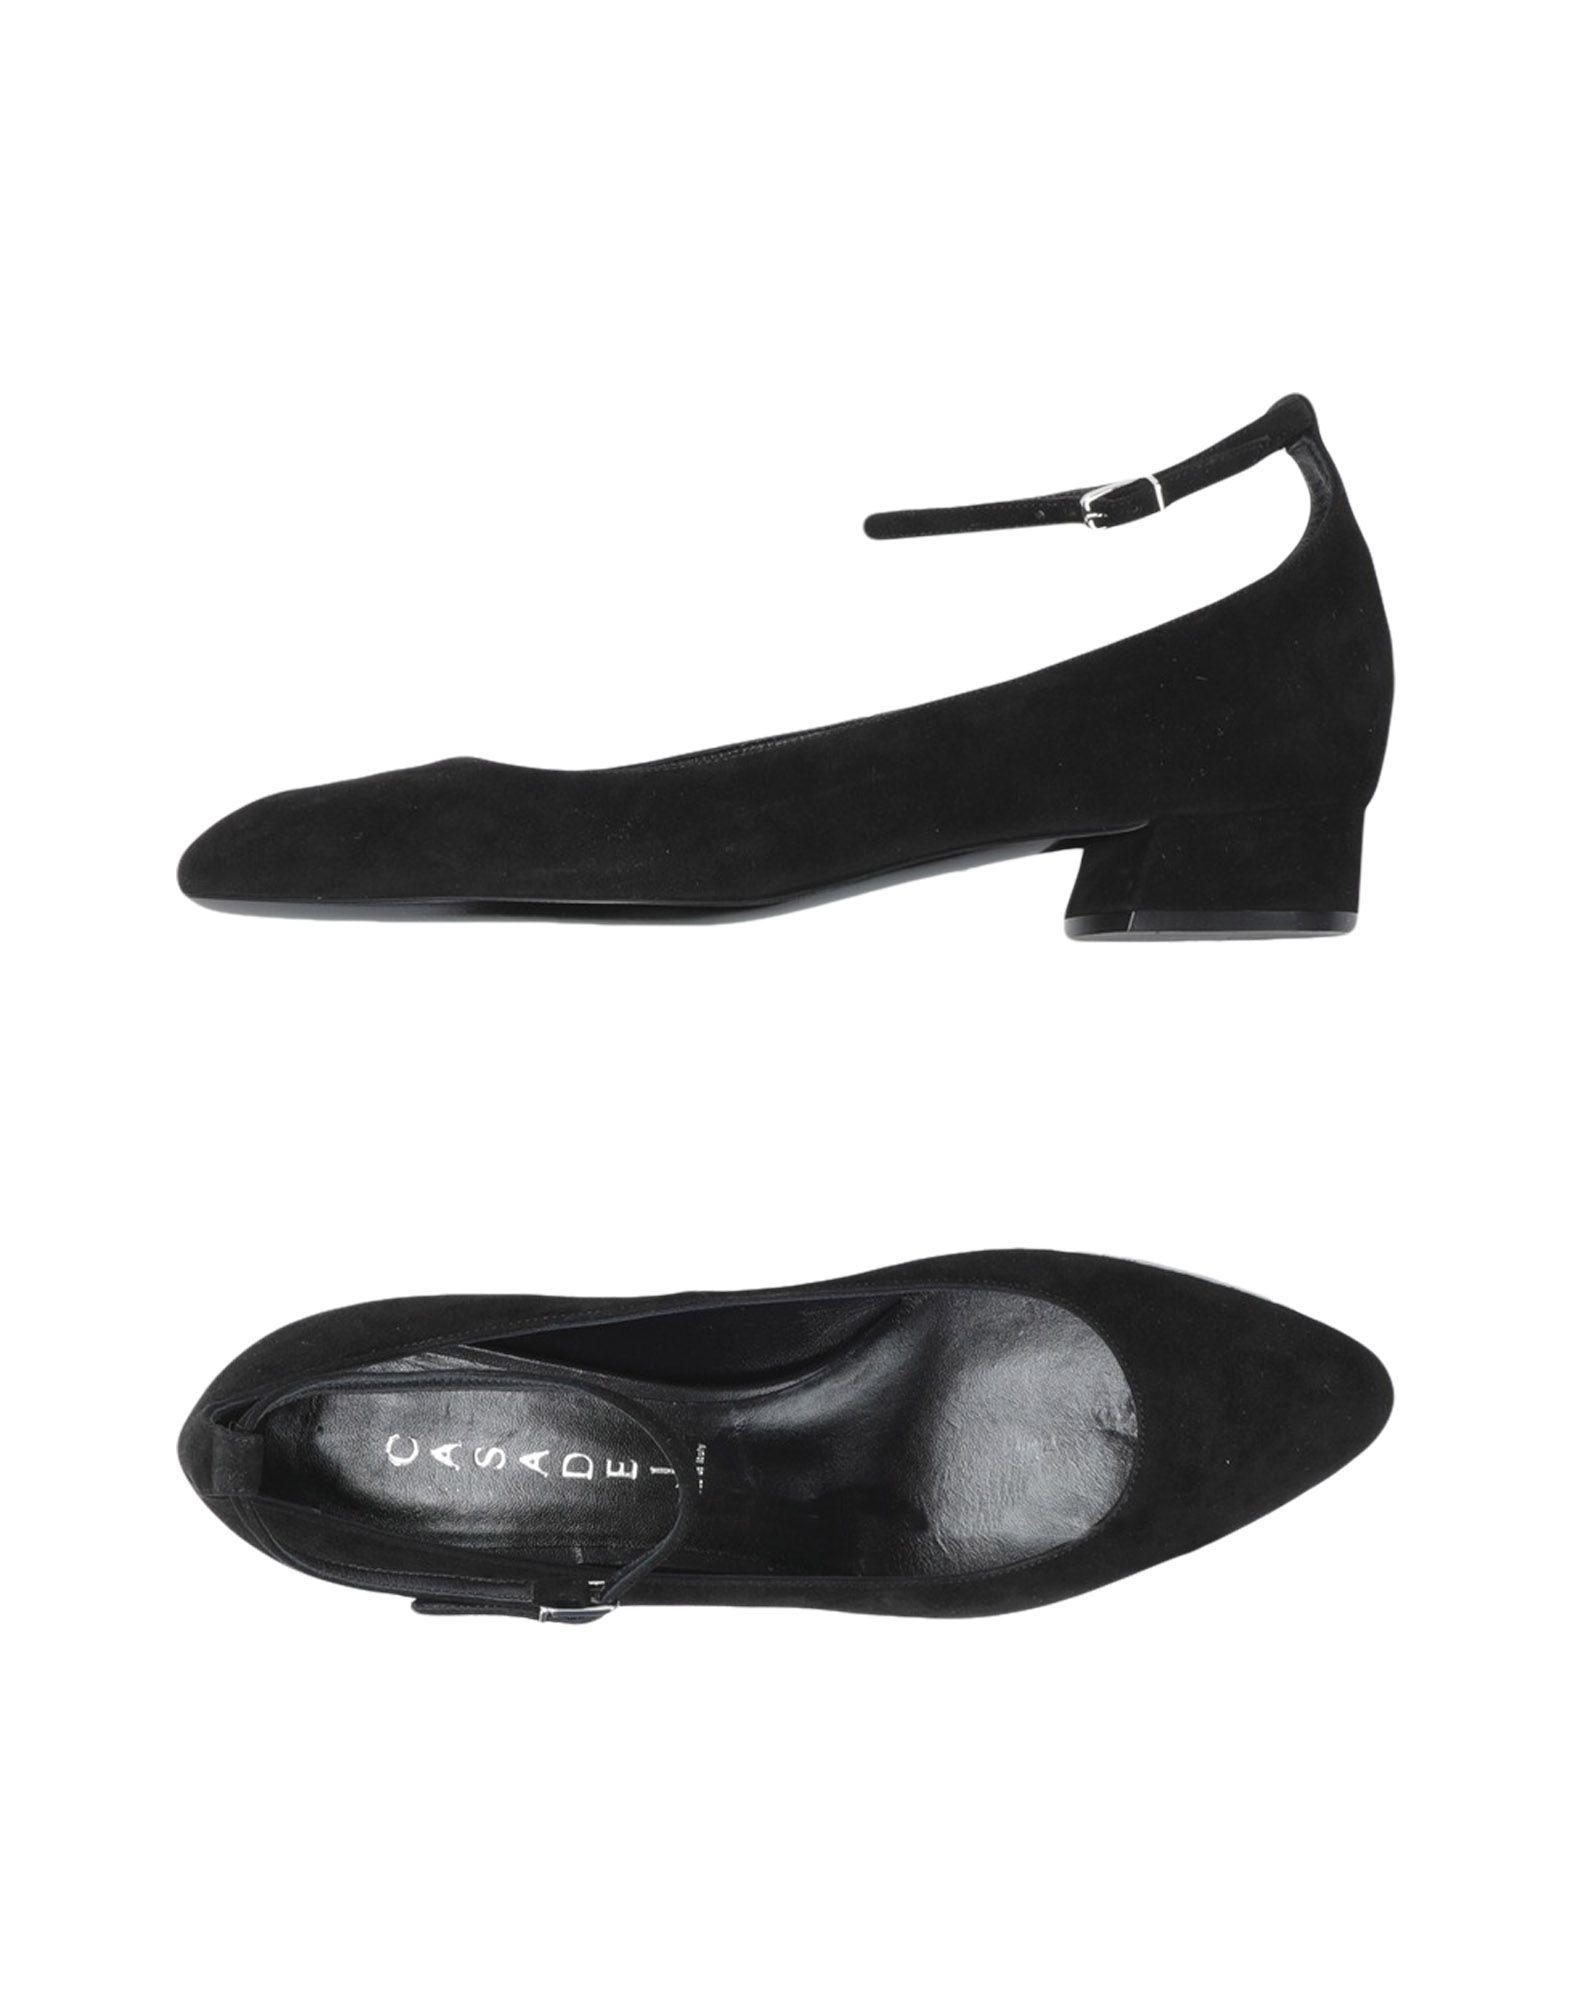 Escarpins Casadei Femme - Escarpins Casadei Noir Dernières chaussures discount pour hommes et femmes